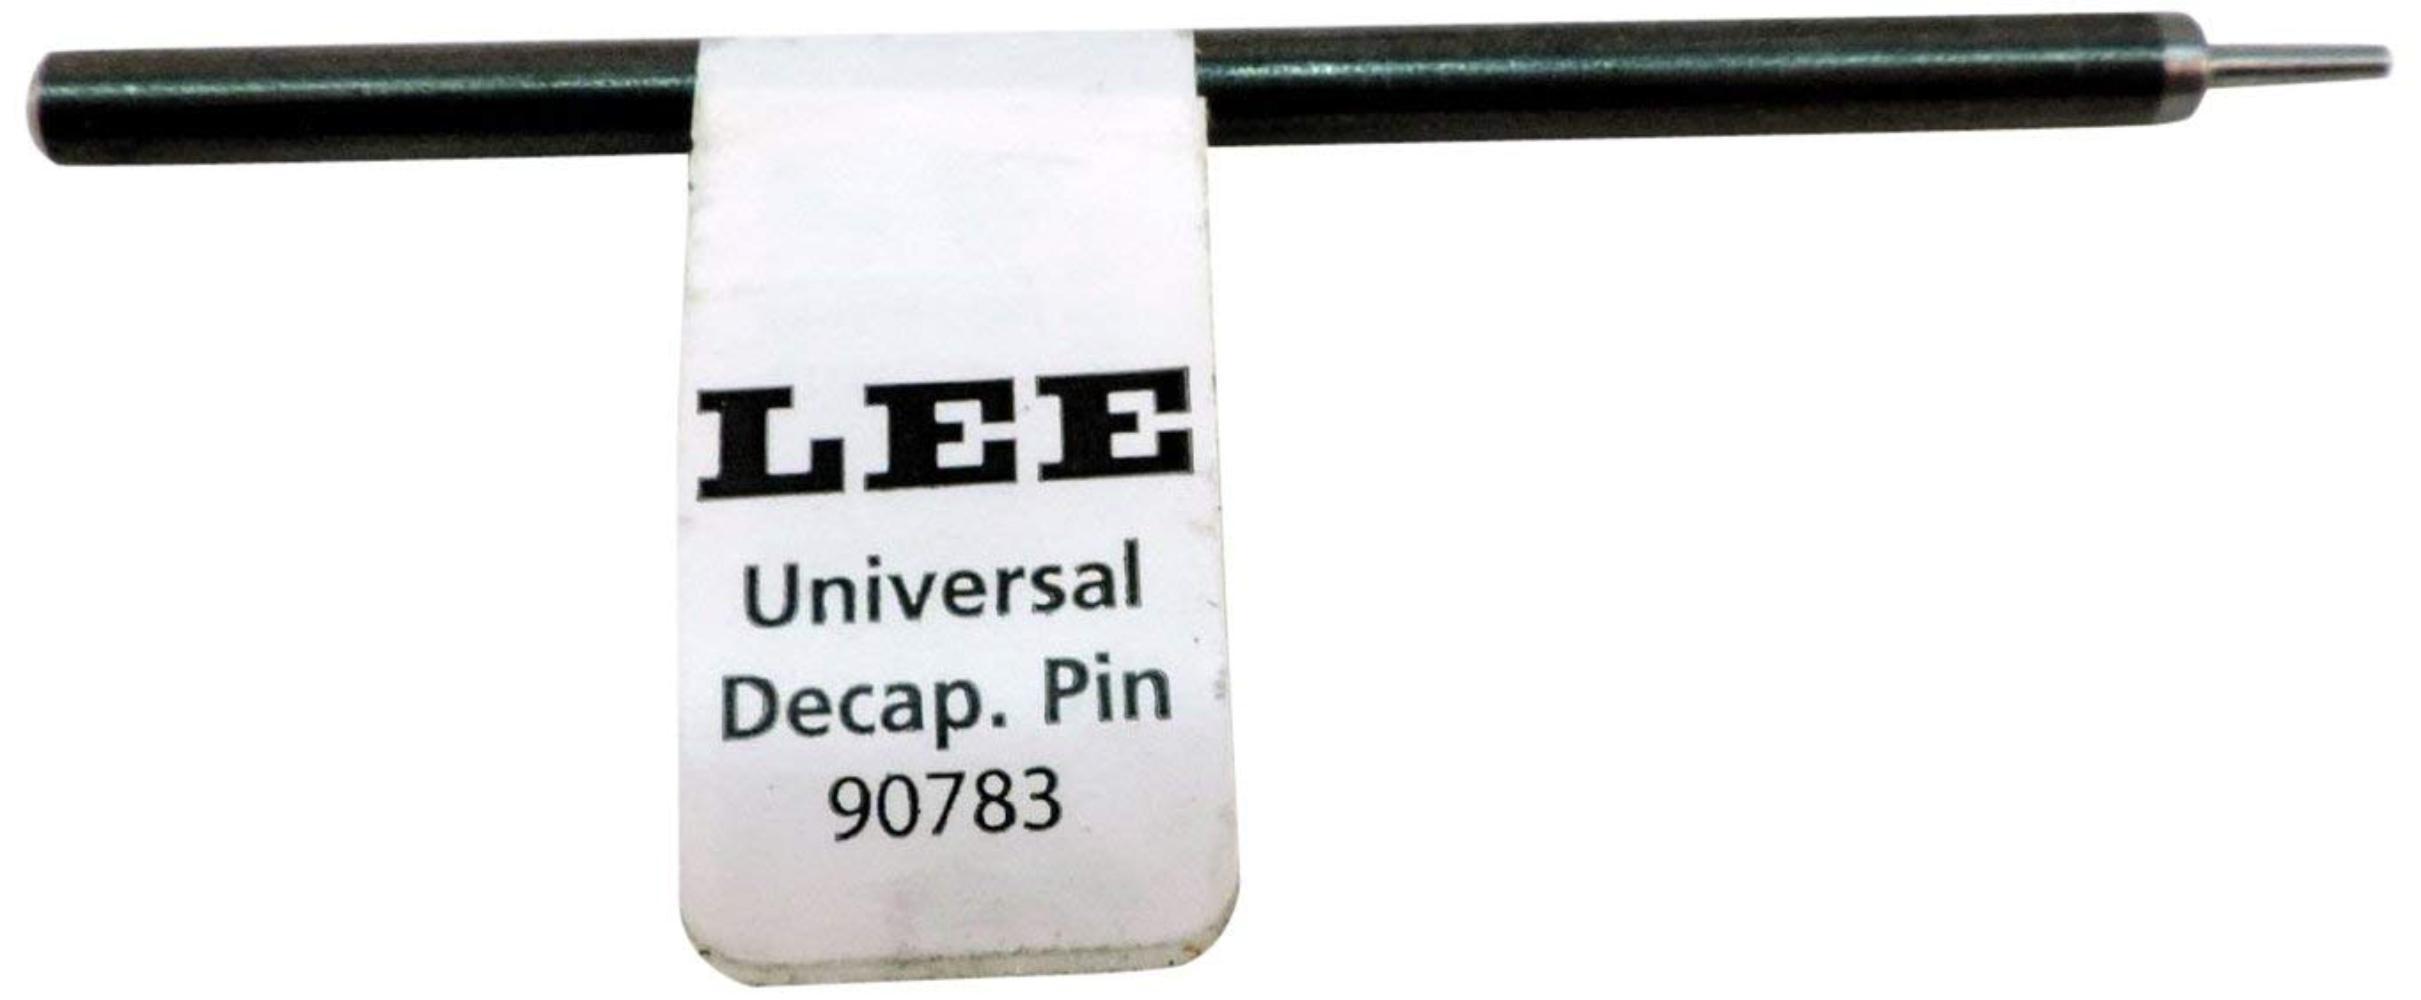 solo accessorio ricarica pin Lee Precision Universal DECAPPING PIN 90783